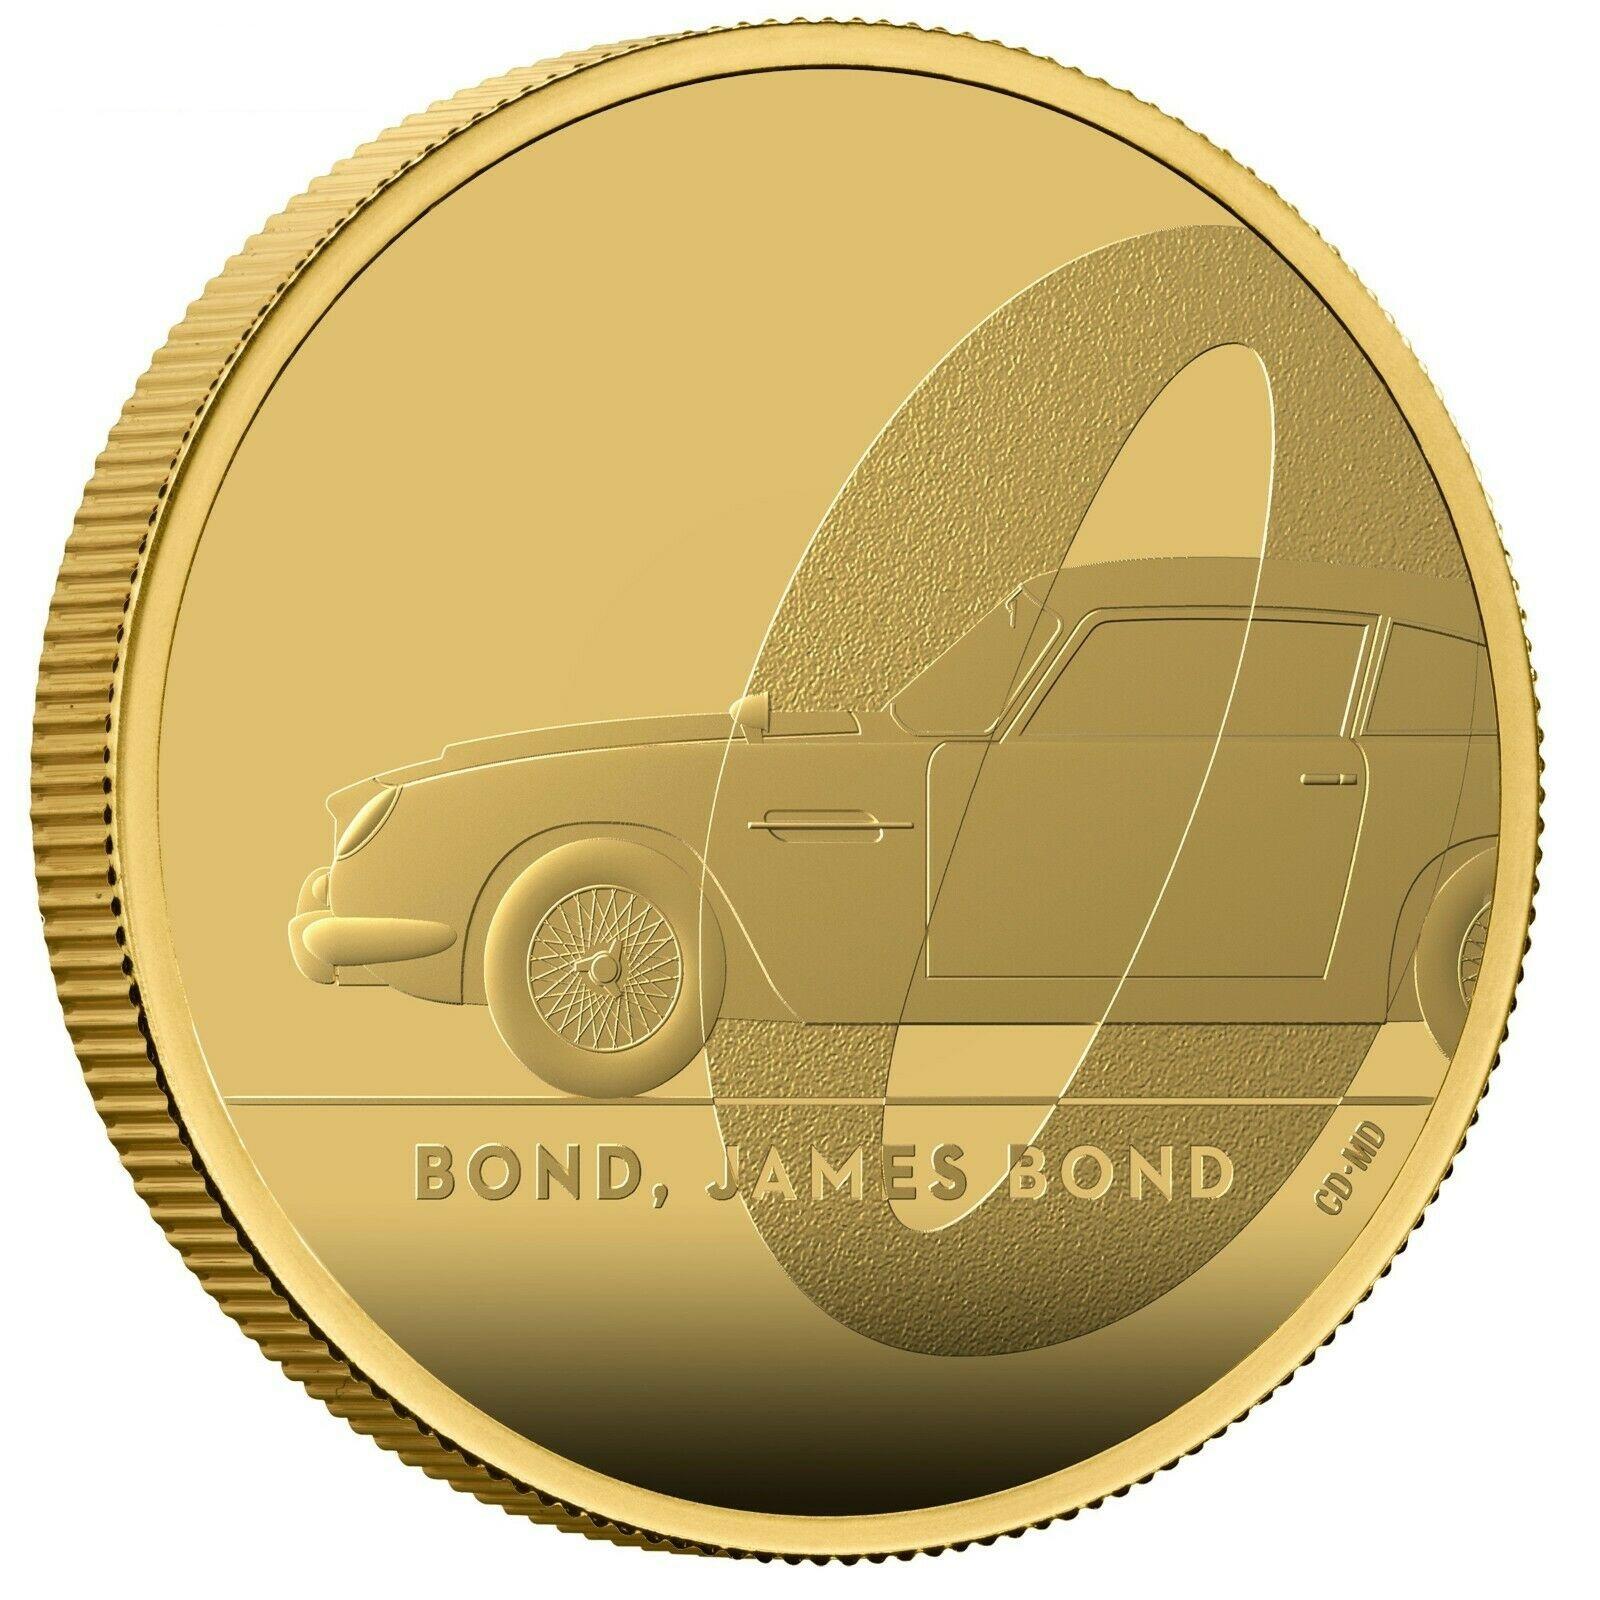 グレートブリテン2020年エリザベスII世1オンス100ポンドプルーフ純金金貨ジェームズボンド007-PCGS-PR70DCAM3943704